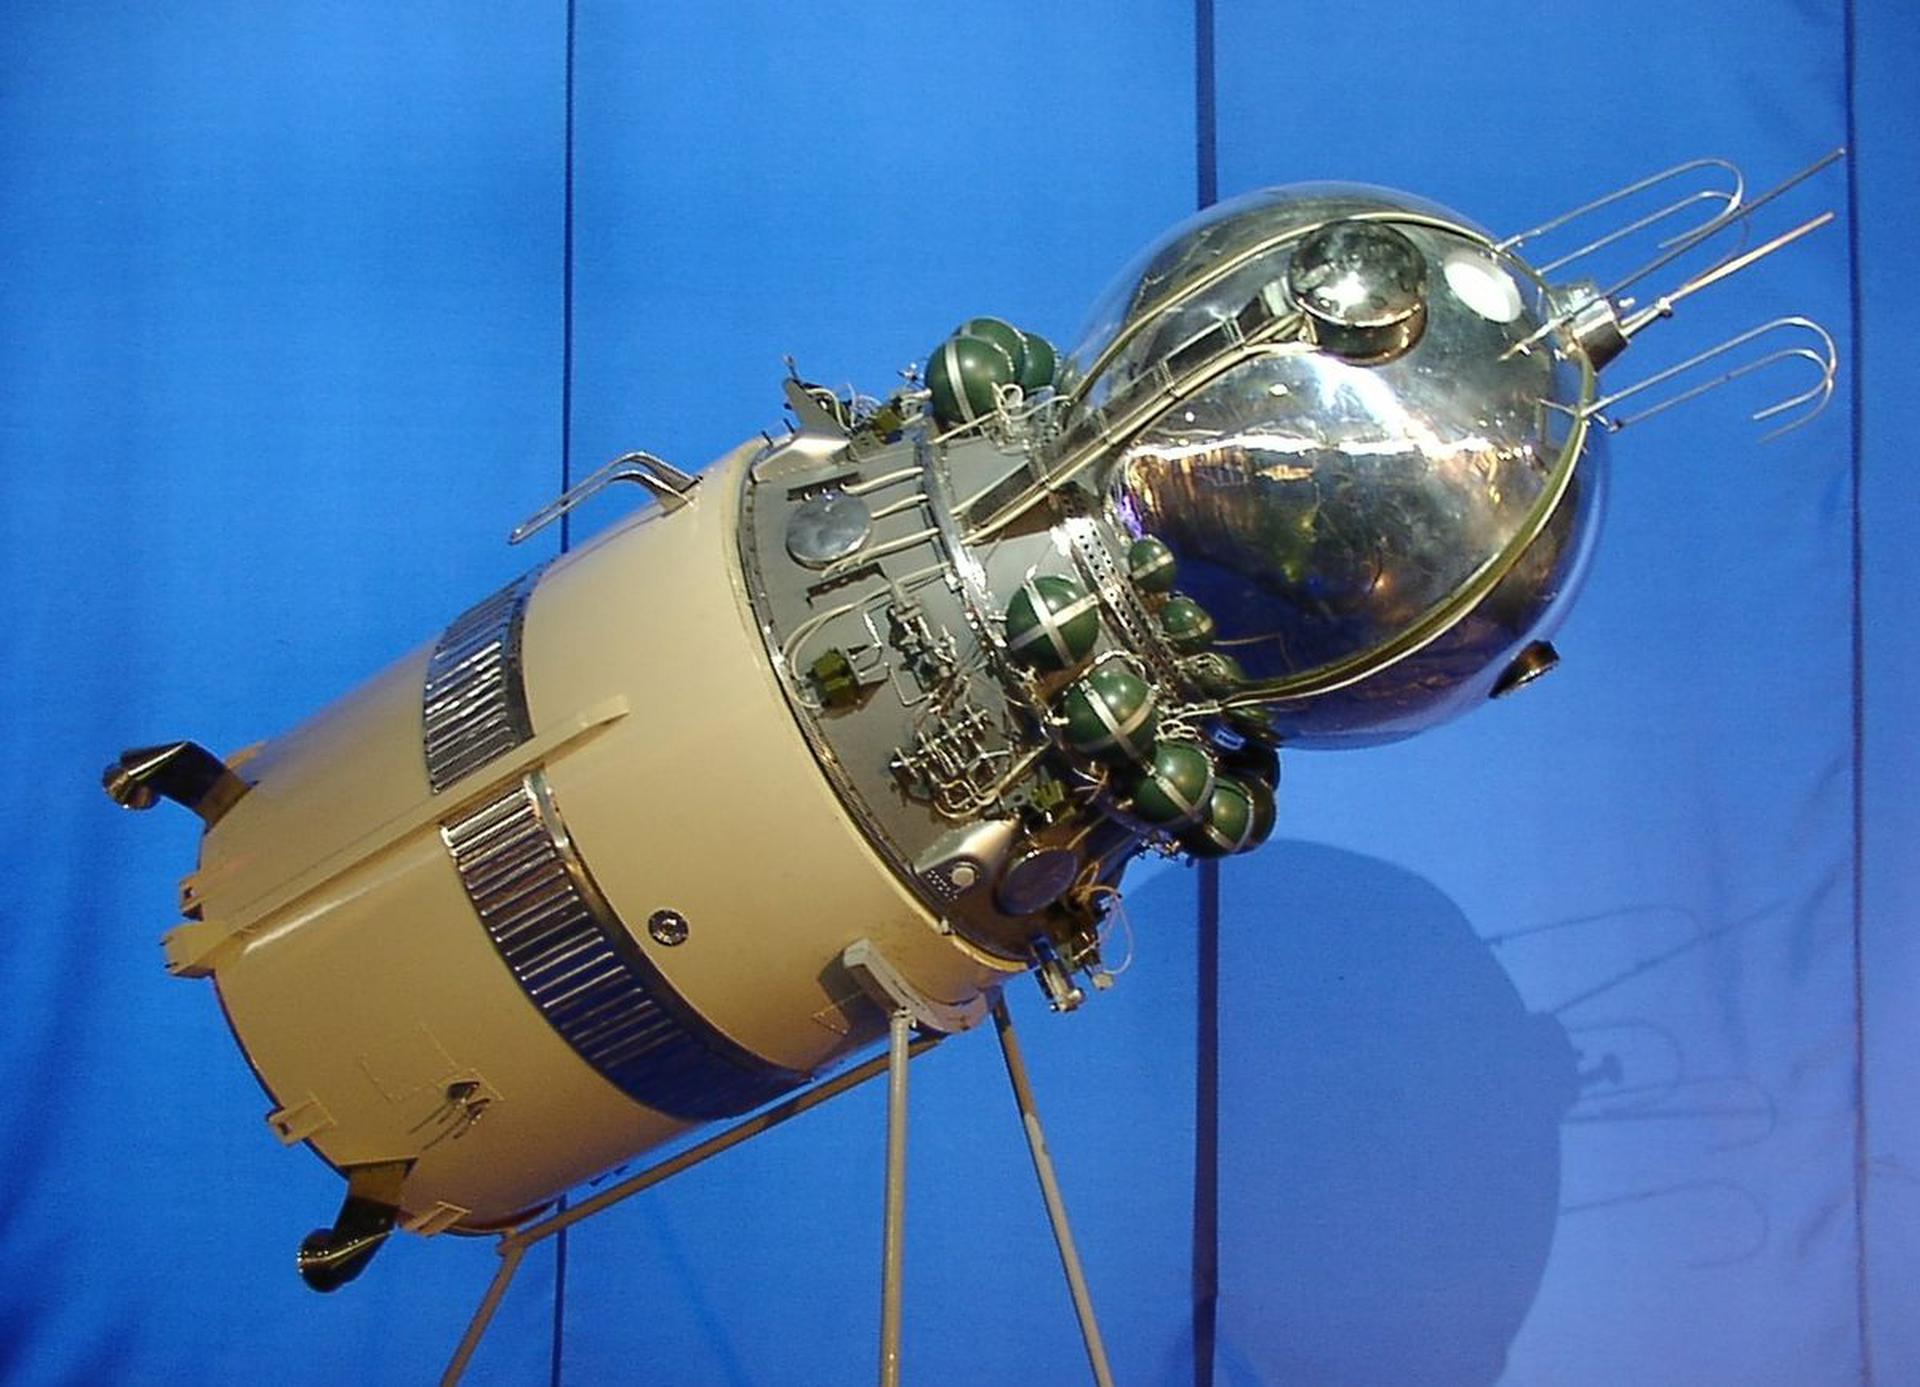 image of Vostok-3KA